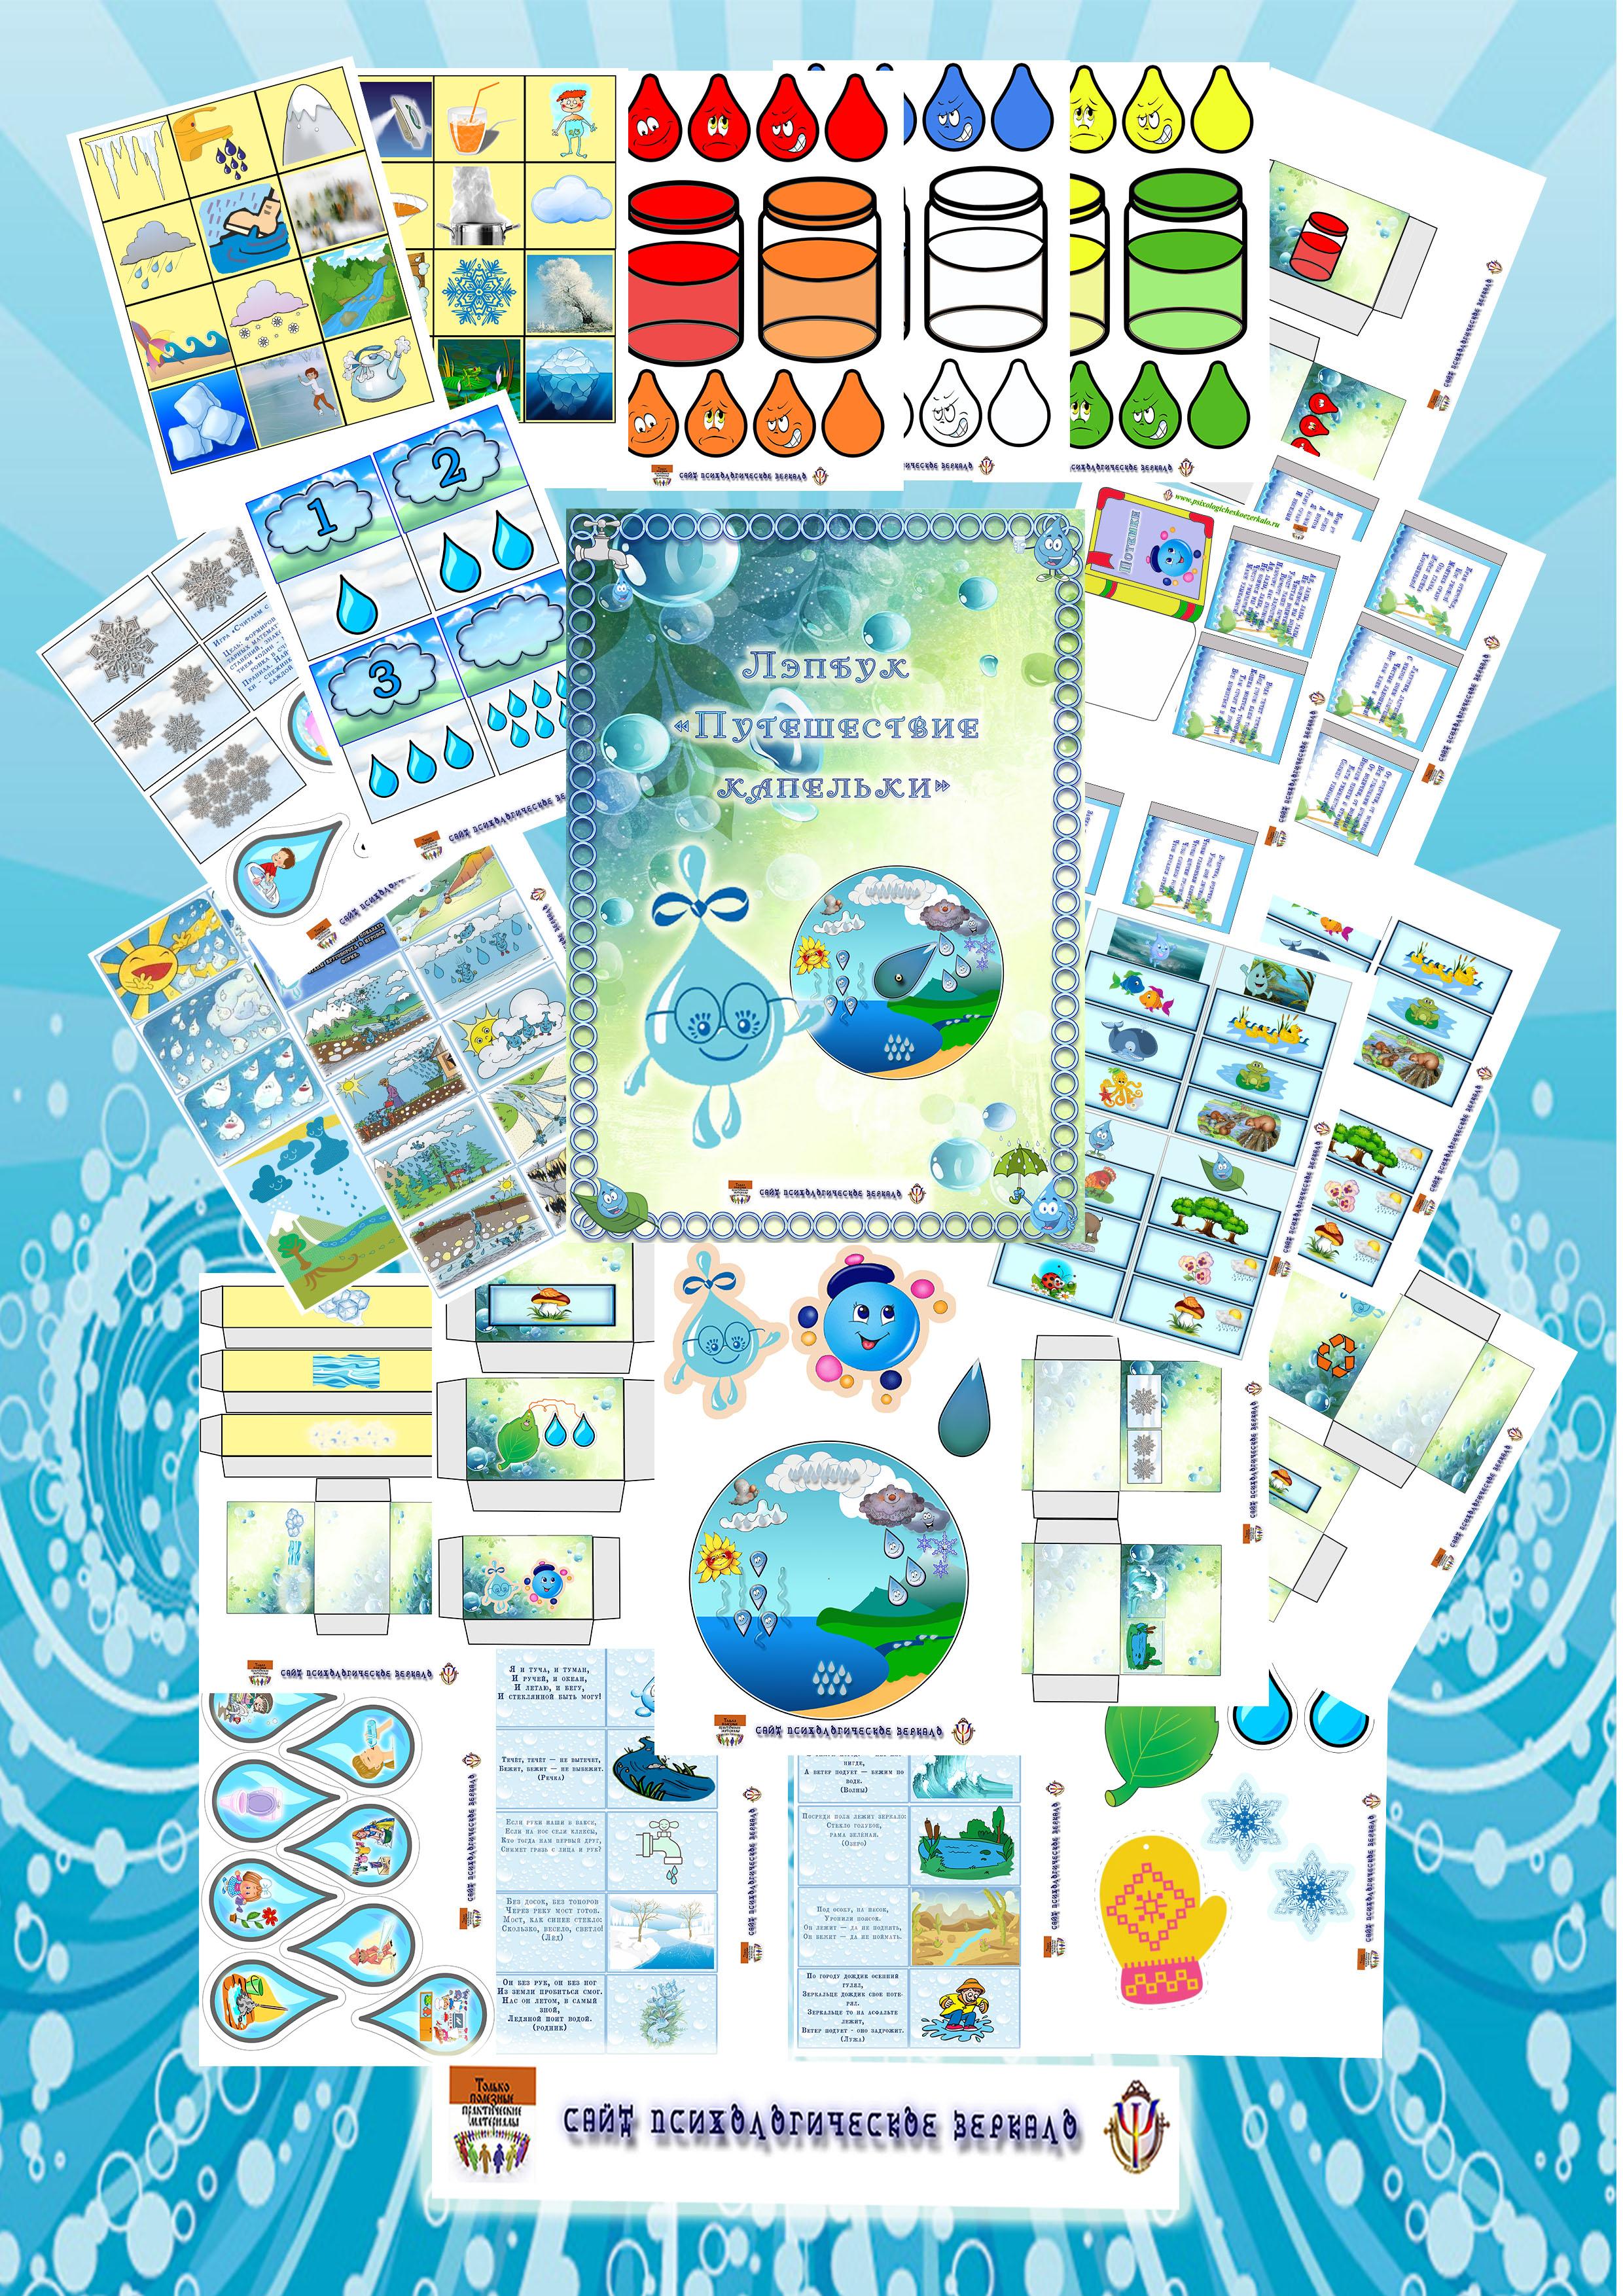 Лэпбук, круговорот воды, путешествие капельки, купить, скачать, шаблон, идеи